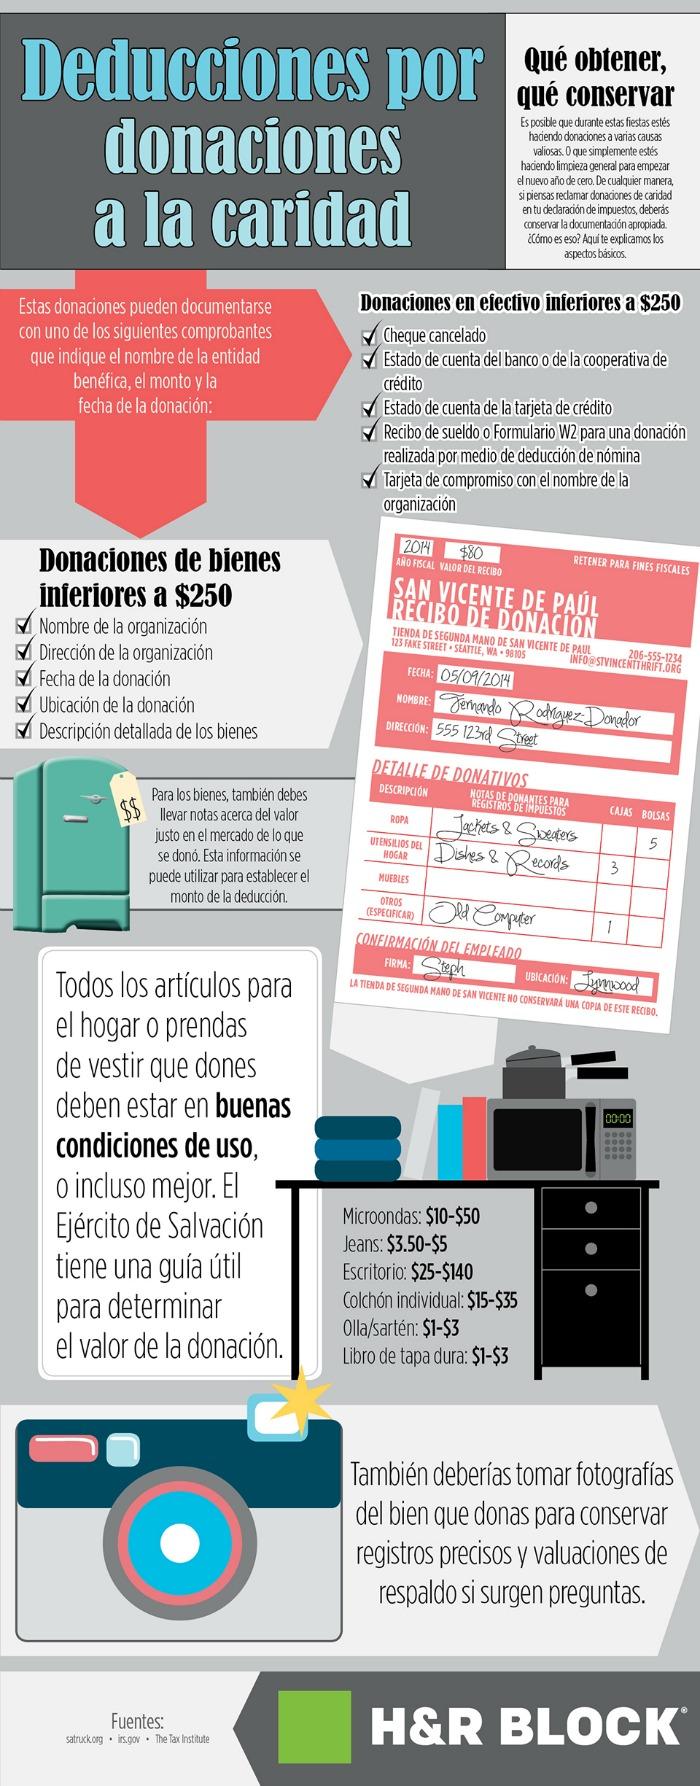 Deducciones por donaciones a la caridad